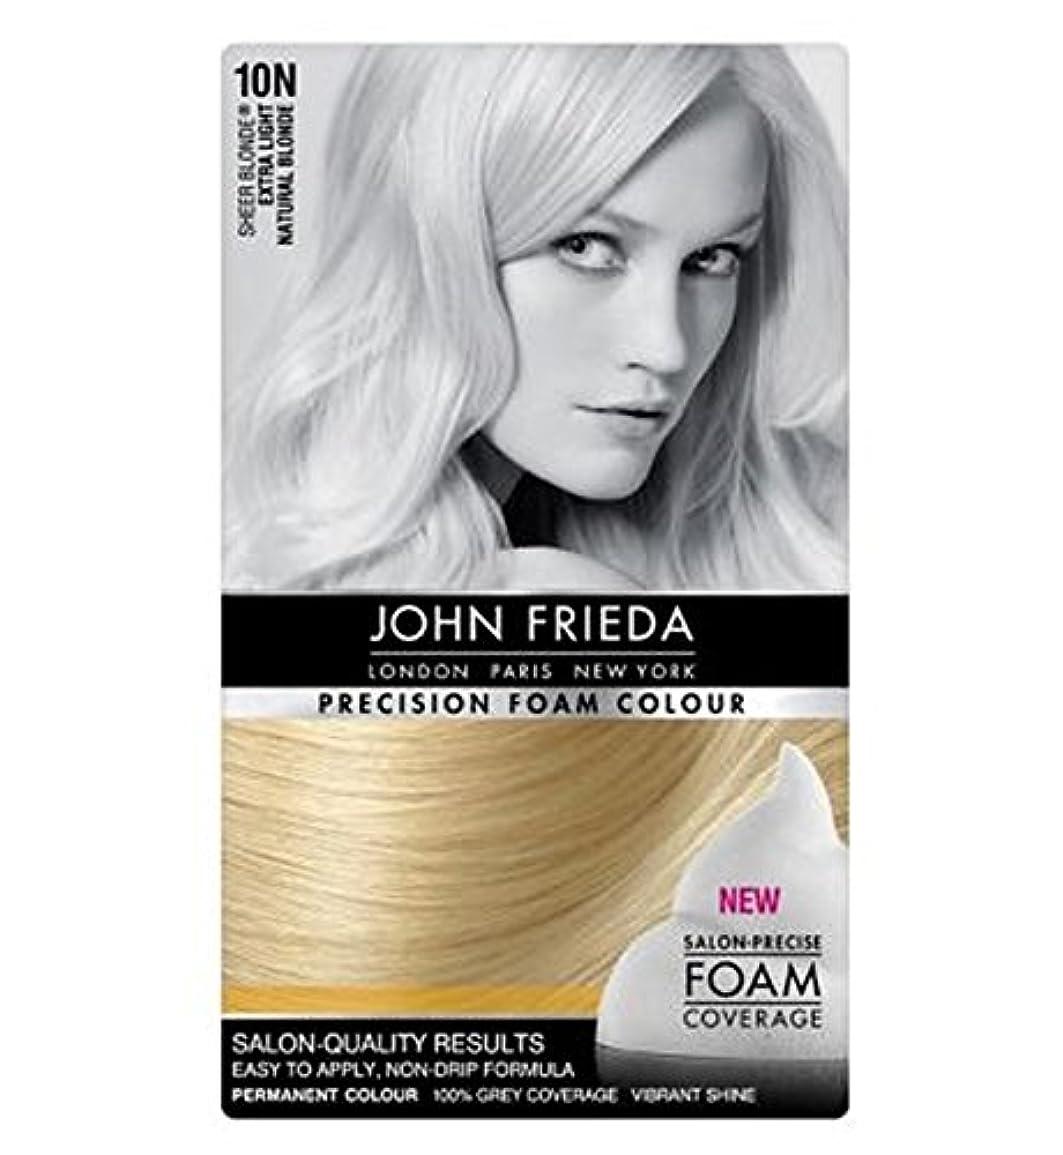 反対に心のこもった納得させるJohn Frieda Precision Foam Colour 10N Extra Light Natural Blonde - ジョン?フリーダ精密泡カラー10Nの余分な光を自然なブロンド (John Frieda) [並行輸入品]